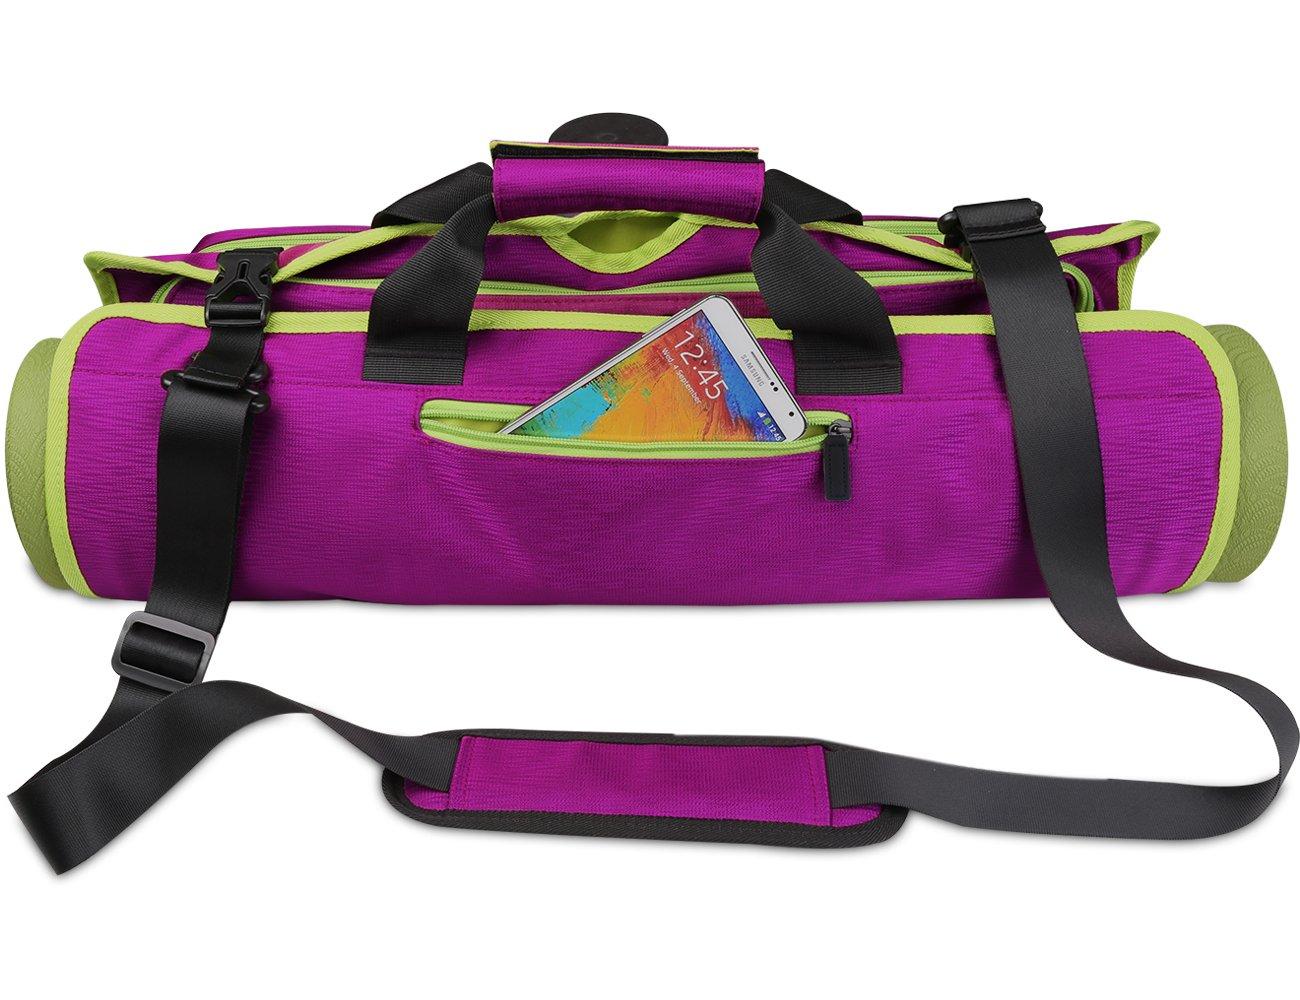 Arvinヨガバッグ、ヨガマット&ヨガブロックナイロンバッグポケット&ファスナー付き折りたたみ式多機能防水ヨガCarry Shoulder Bags Fits Mostマットサイズ、調節可能なストラップポータブルバッグ  パープル B076P8FCP4